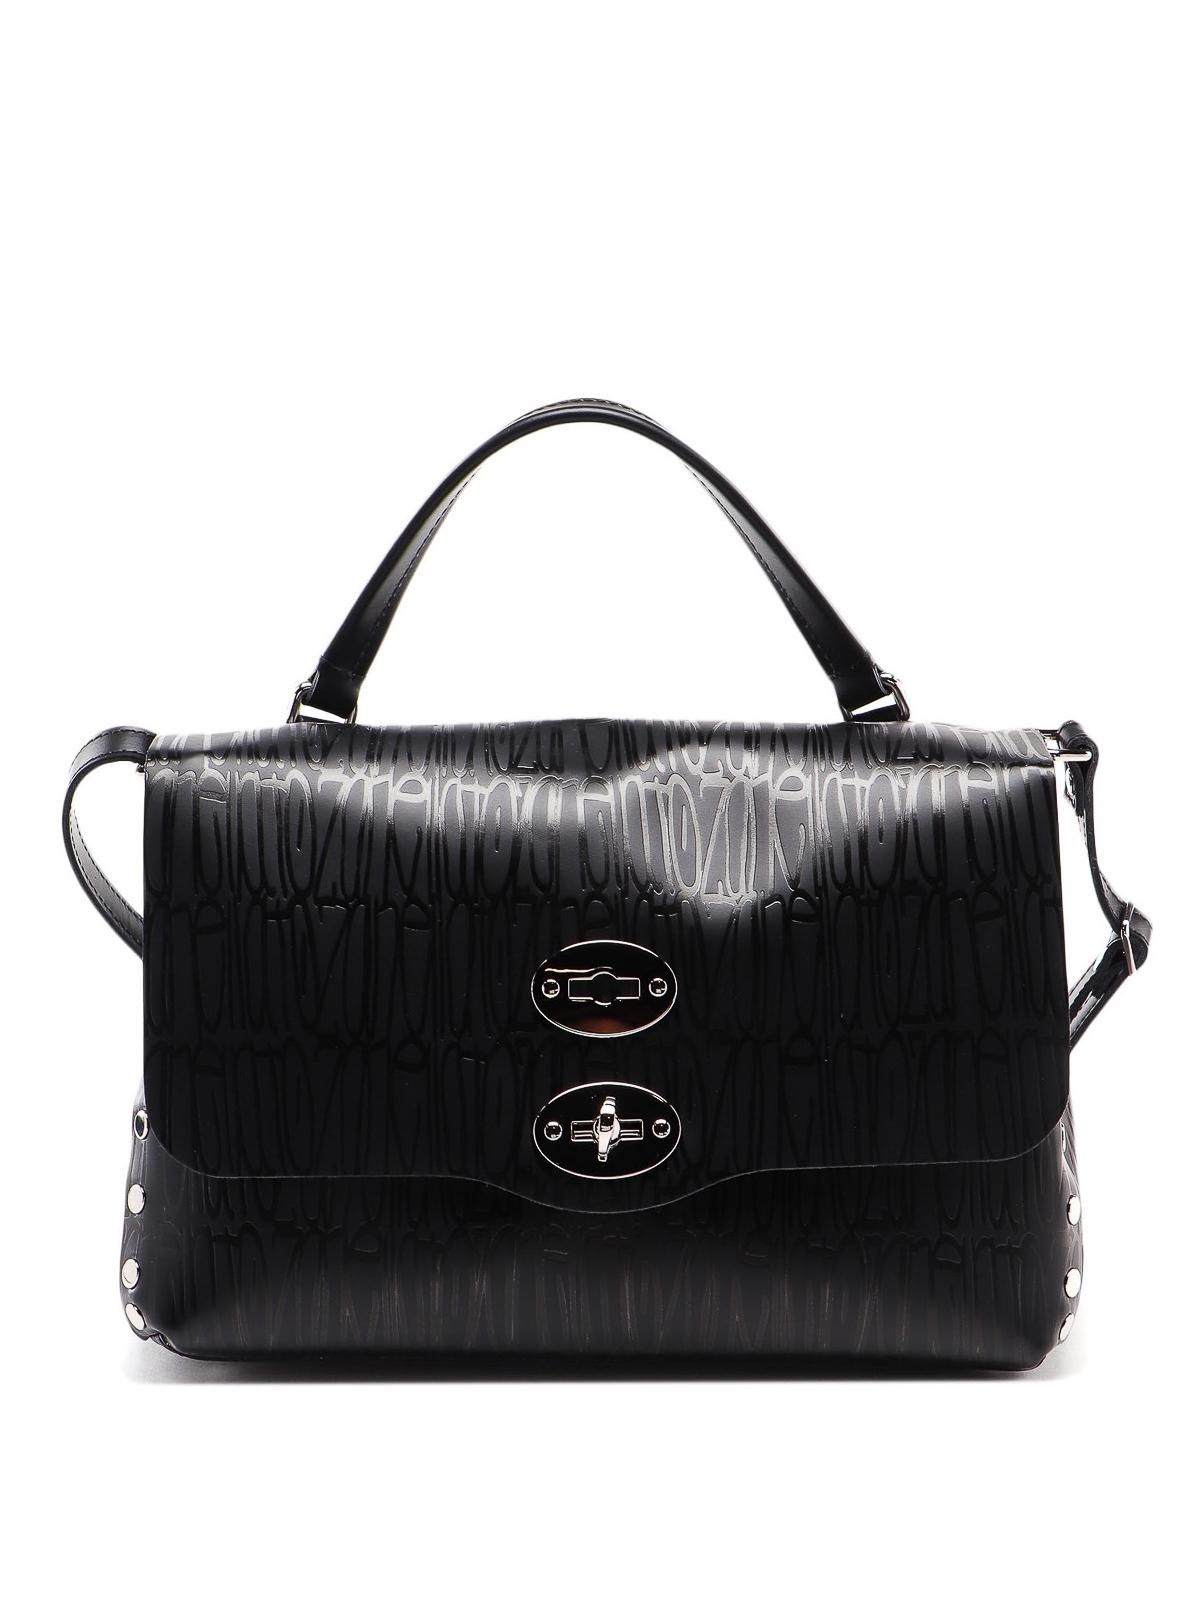 Zanellato Postina S Infinita Bag In Black